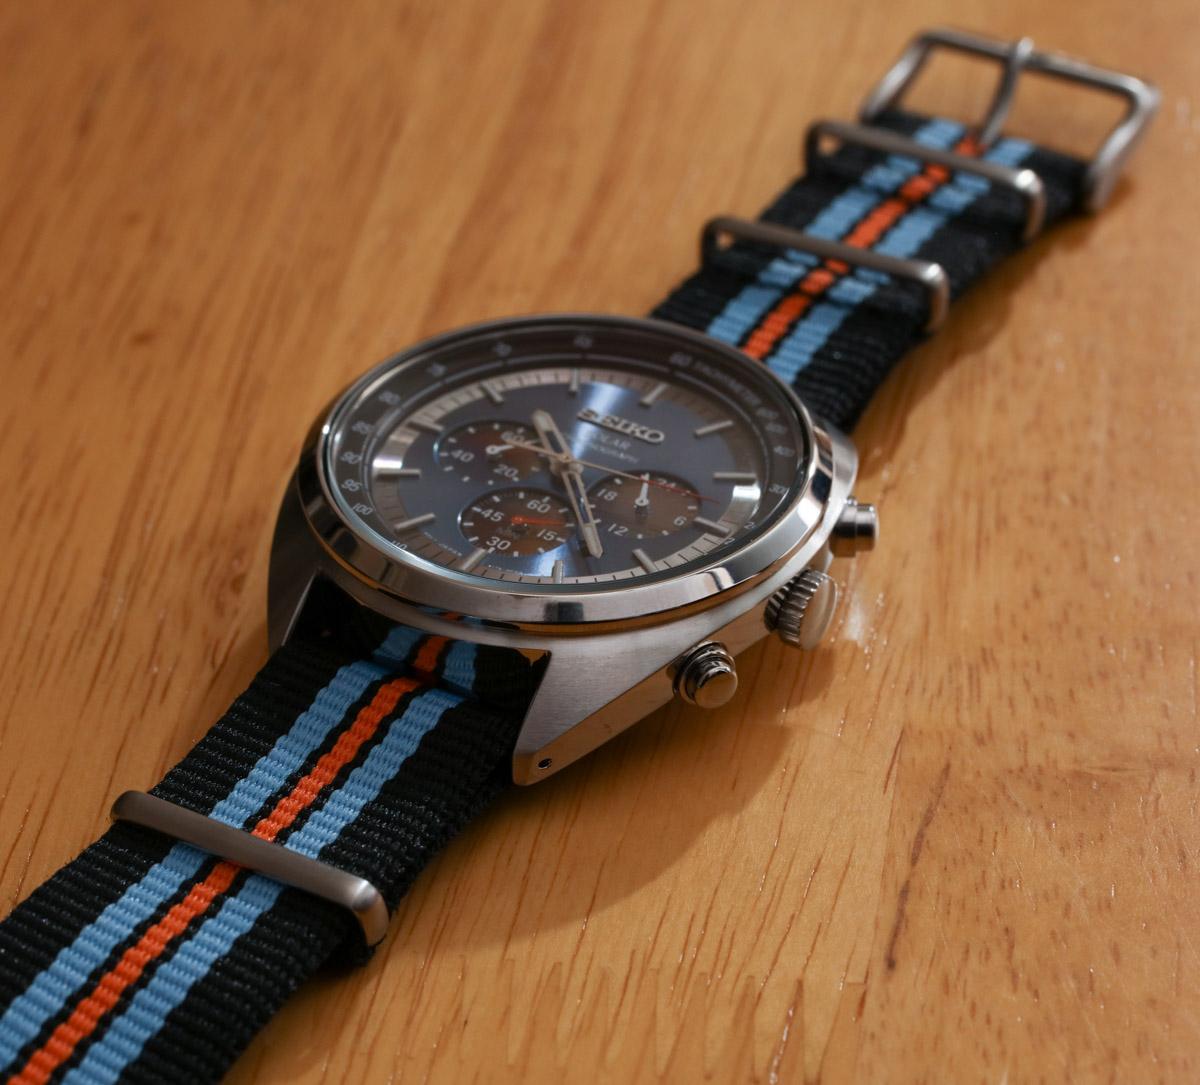 Seiko Recraft Series Ssc667 Ssc669 Chronograph Watch Review